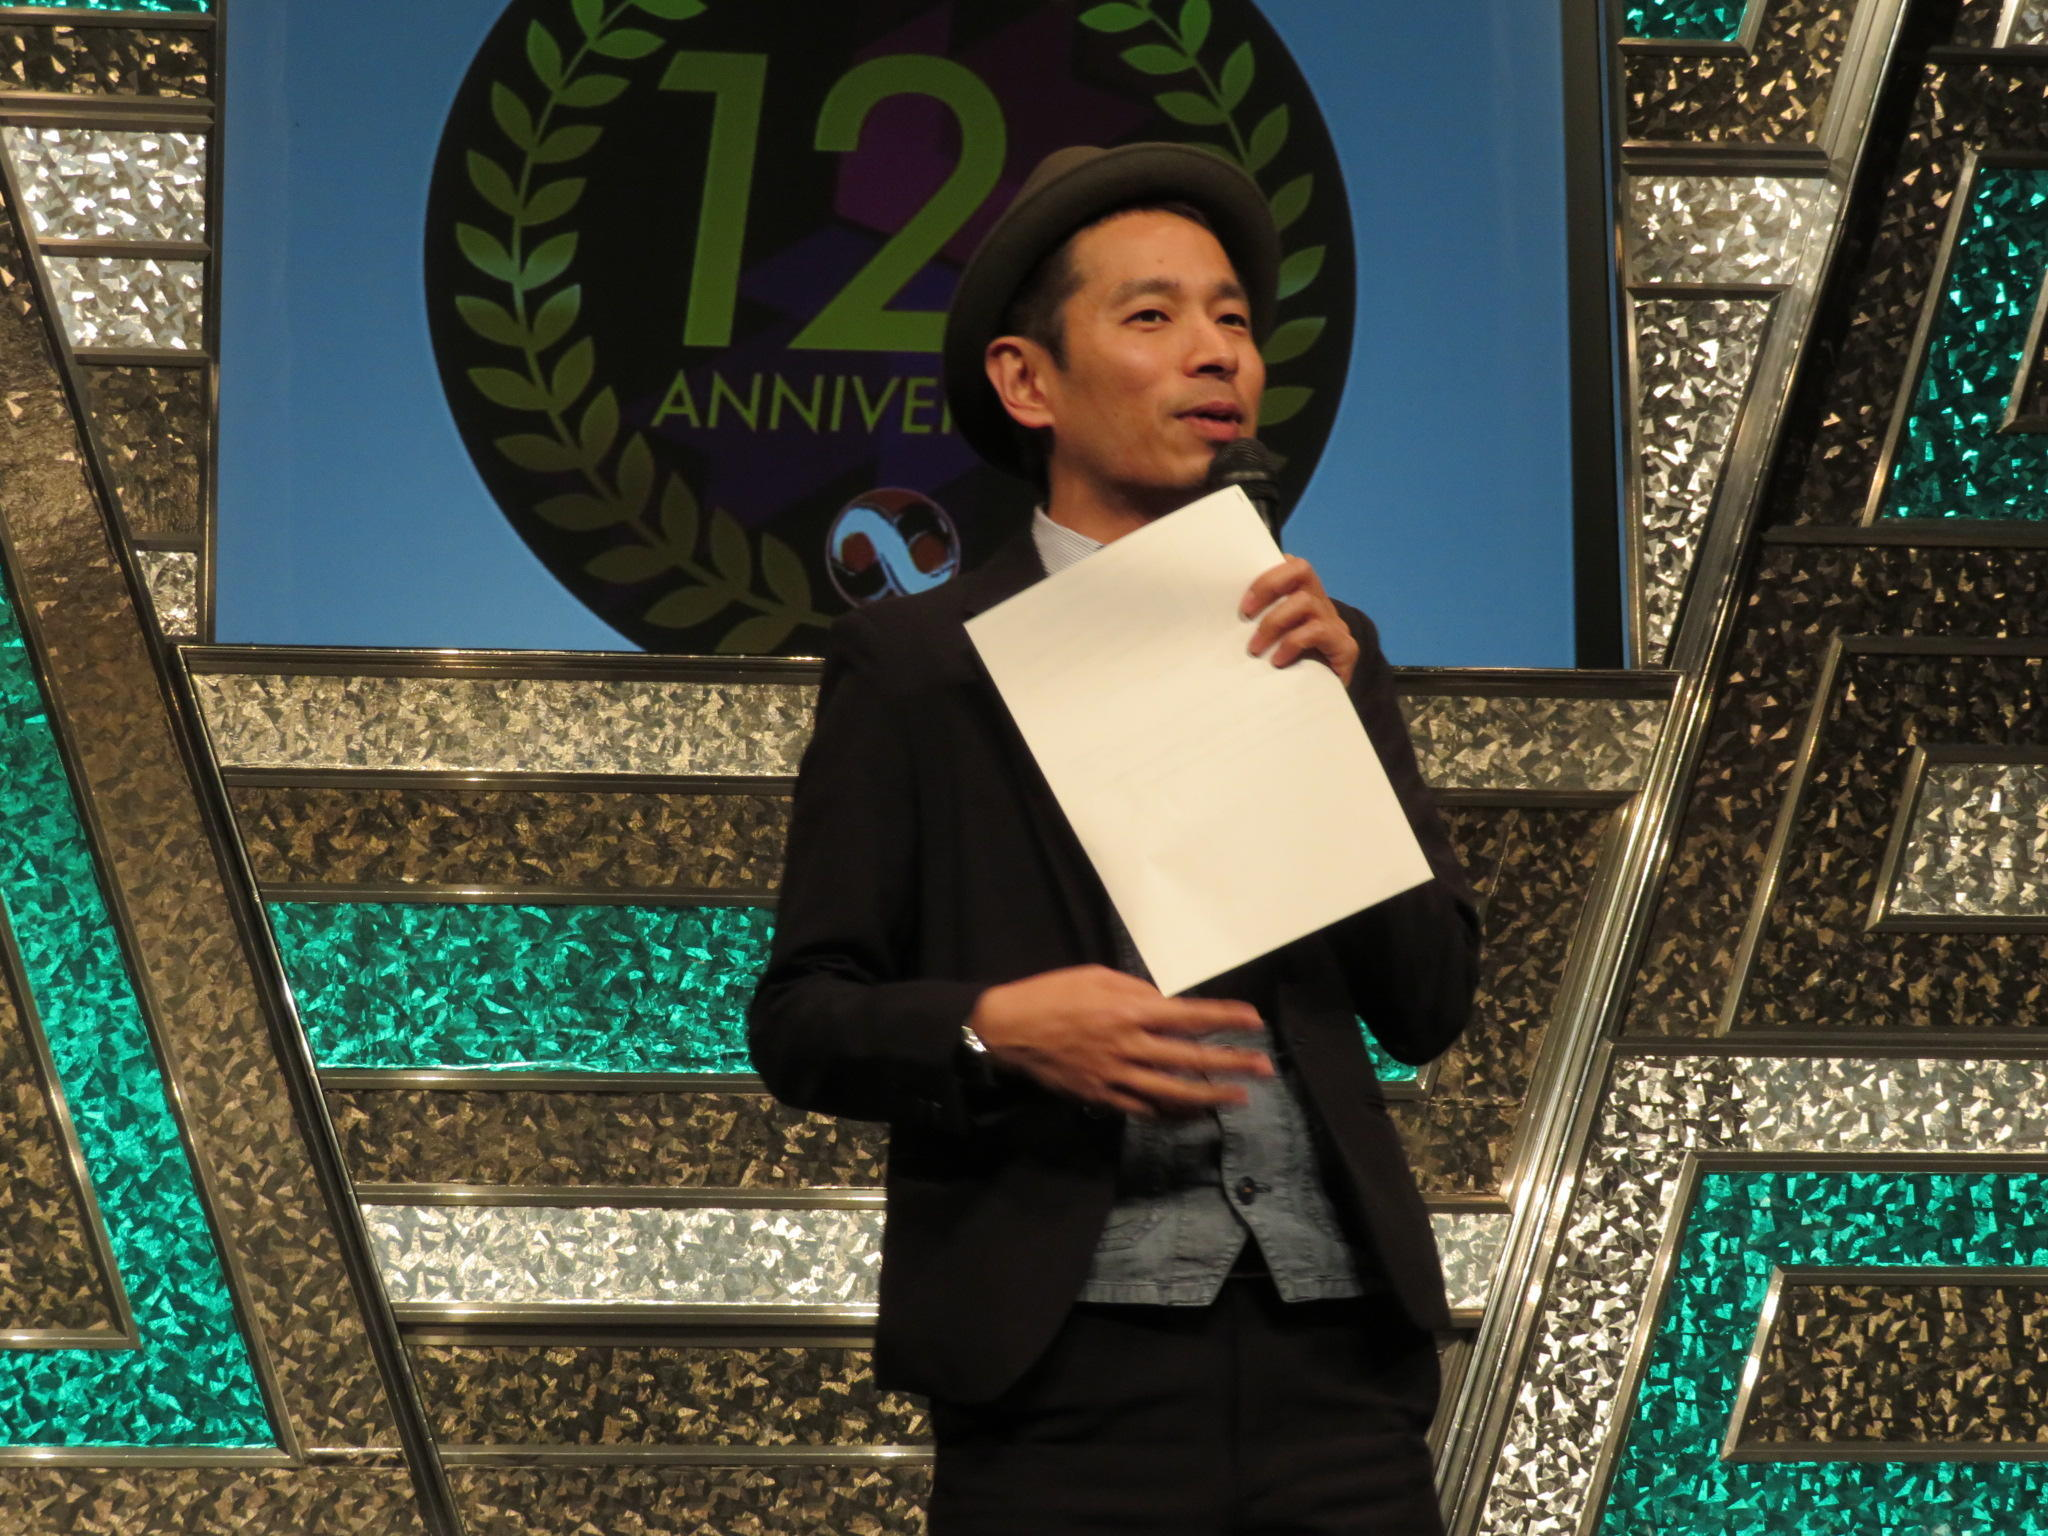 http://news.yoshimoto.co.jp/20180326004654-9bbf8e5e0fcdbcc659f505dbcaeee13c9ed8dbe5.jpg